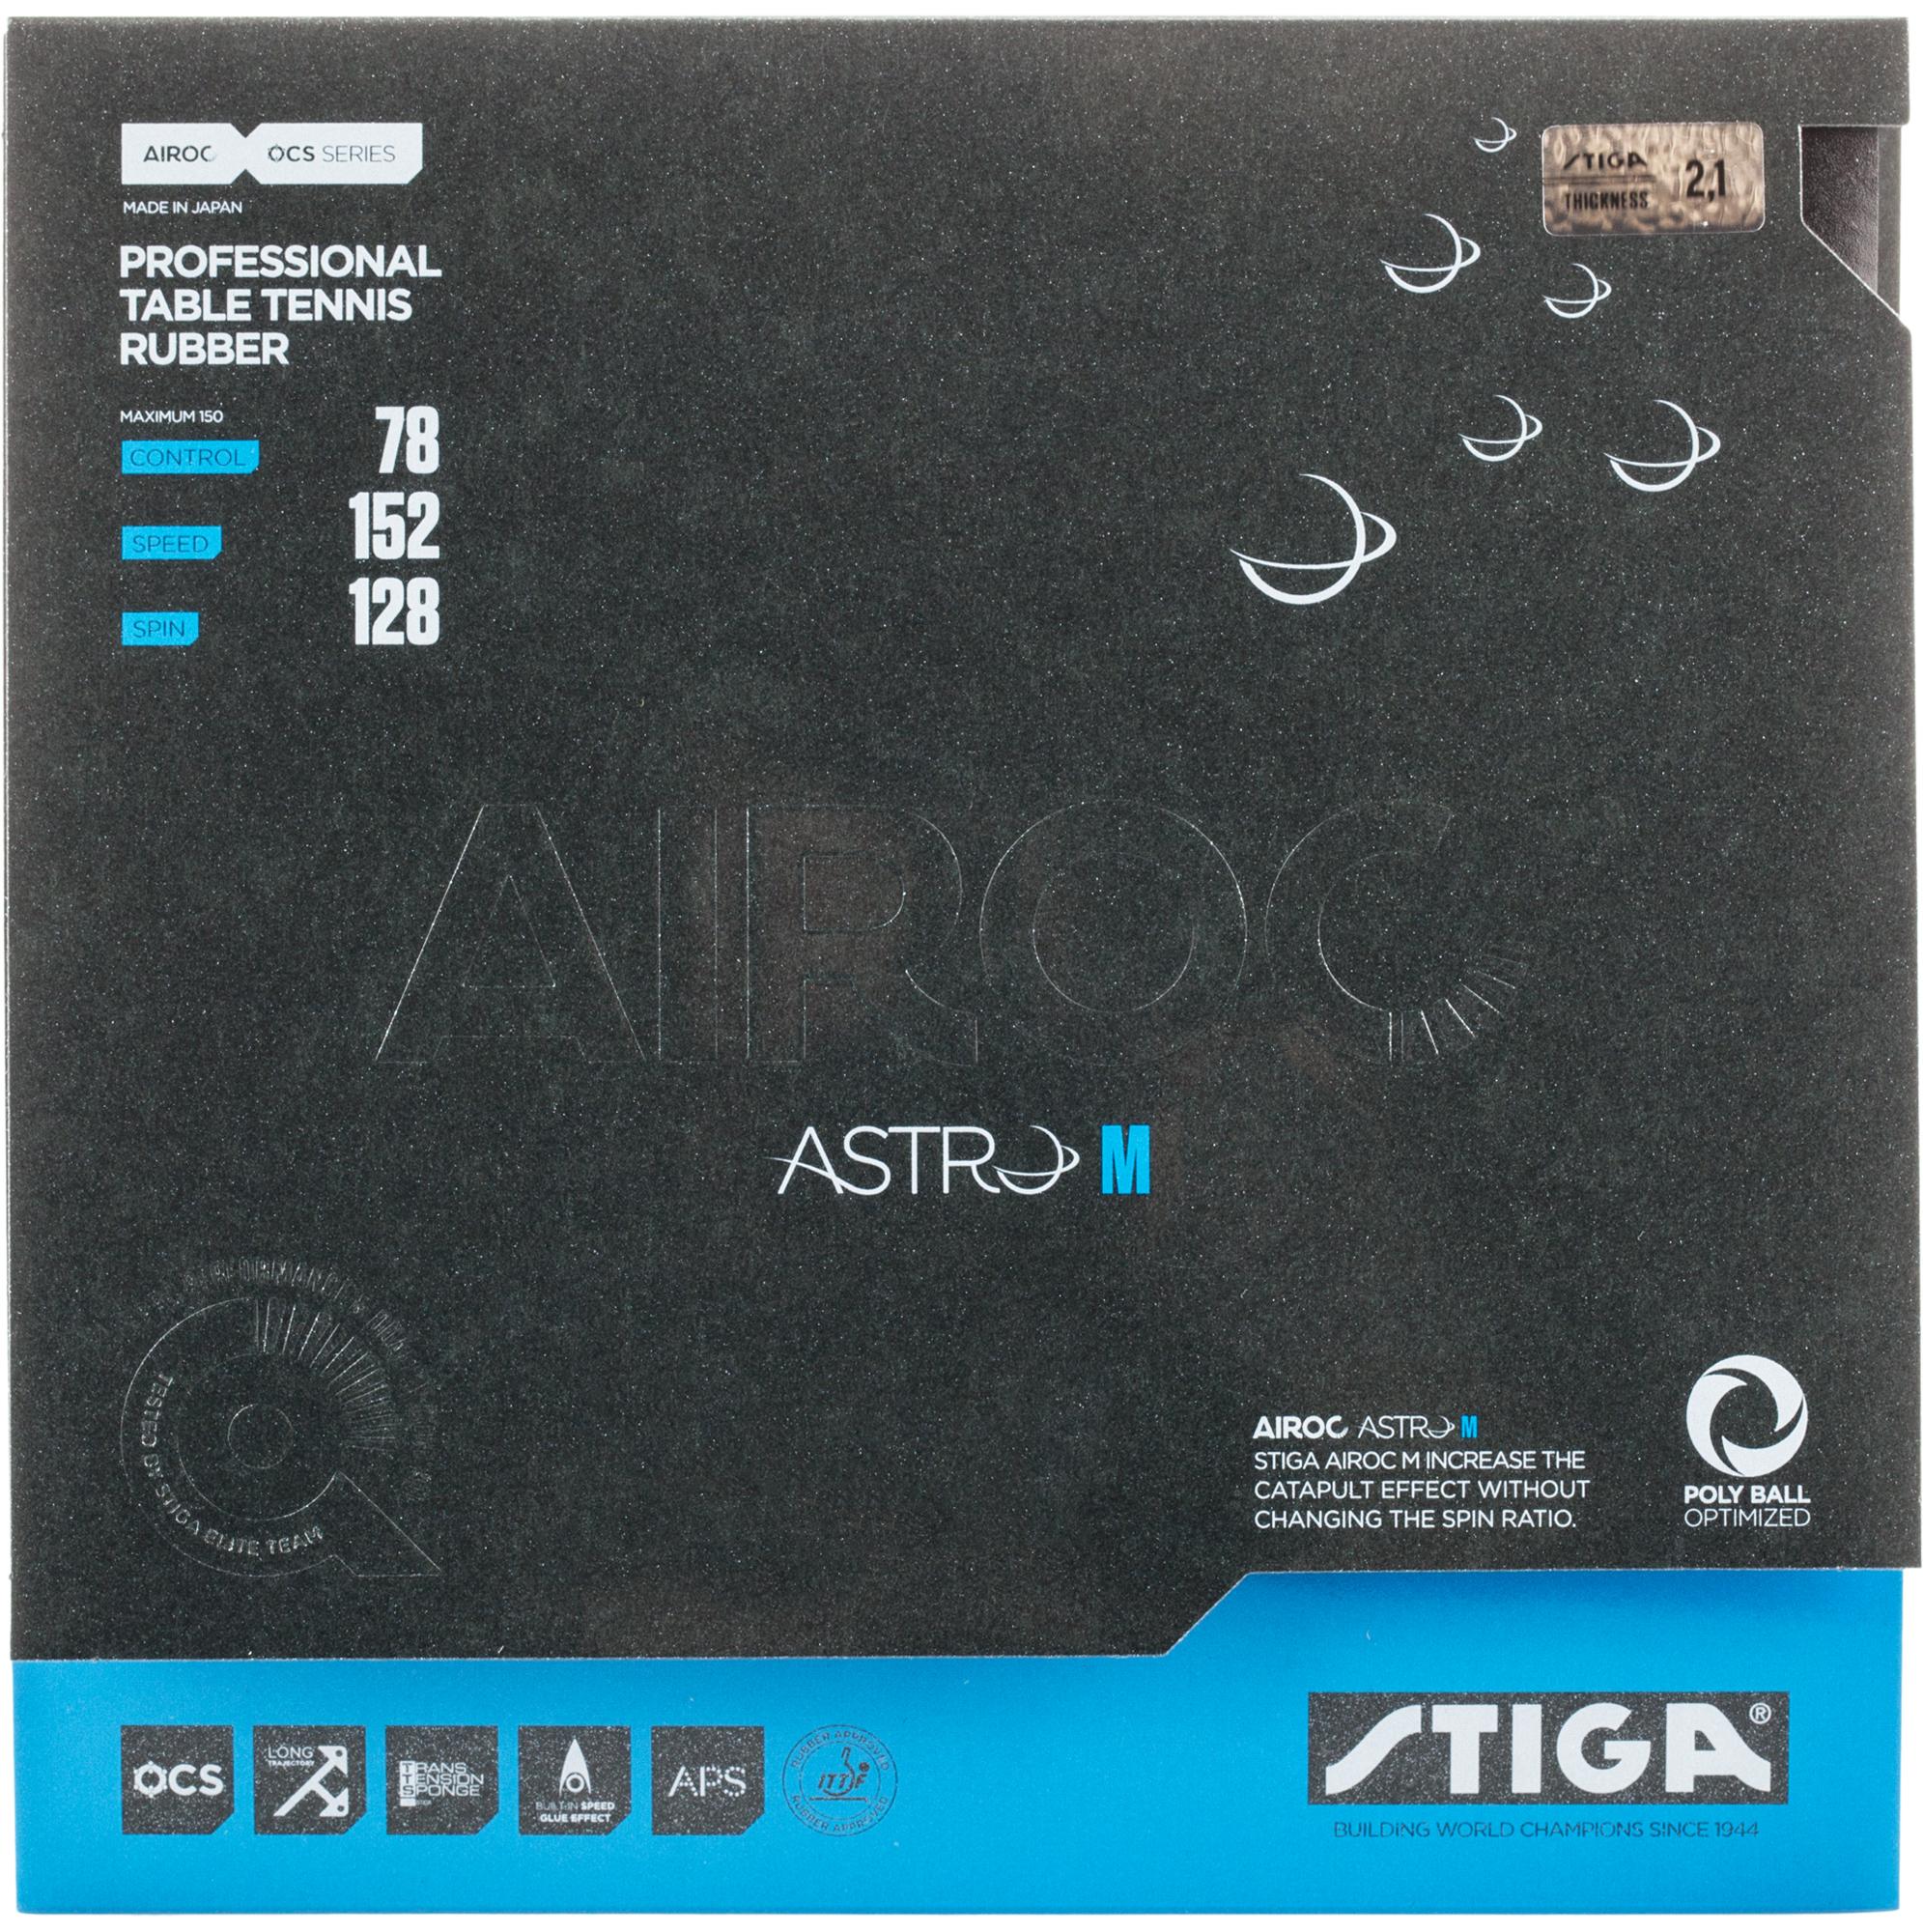 Stiga Накладка Airoc Astro M 2,1 мм